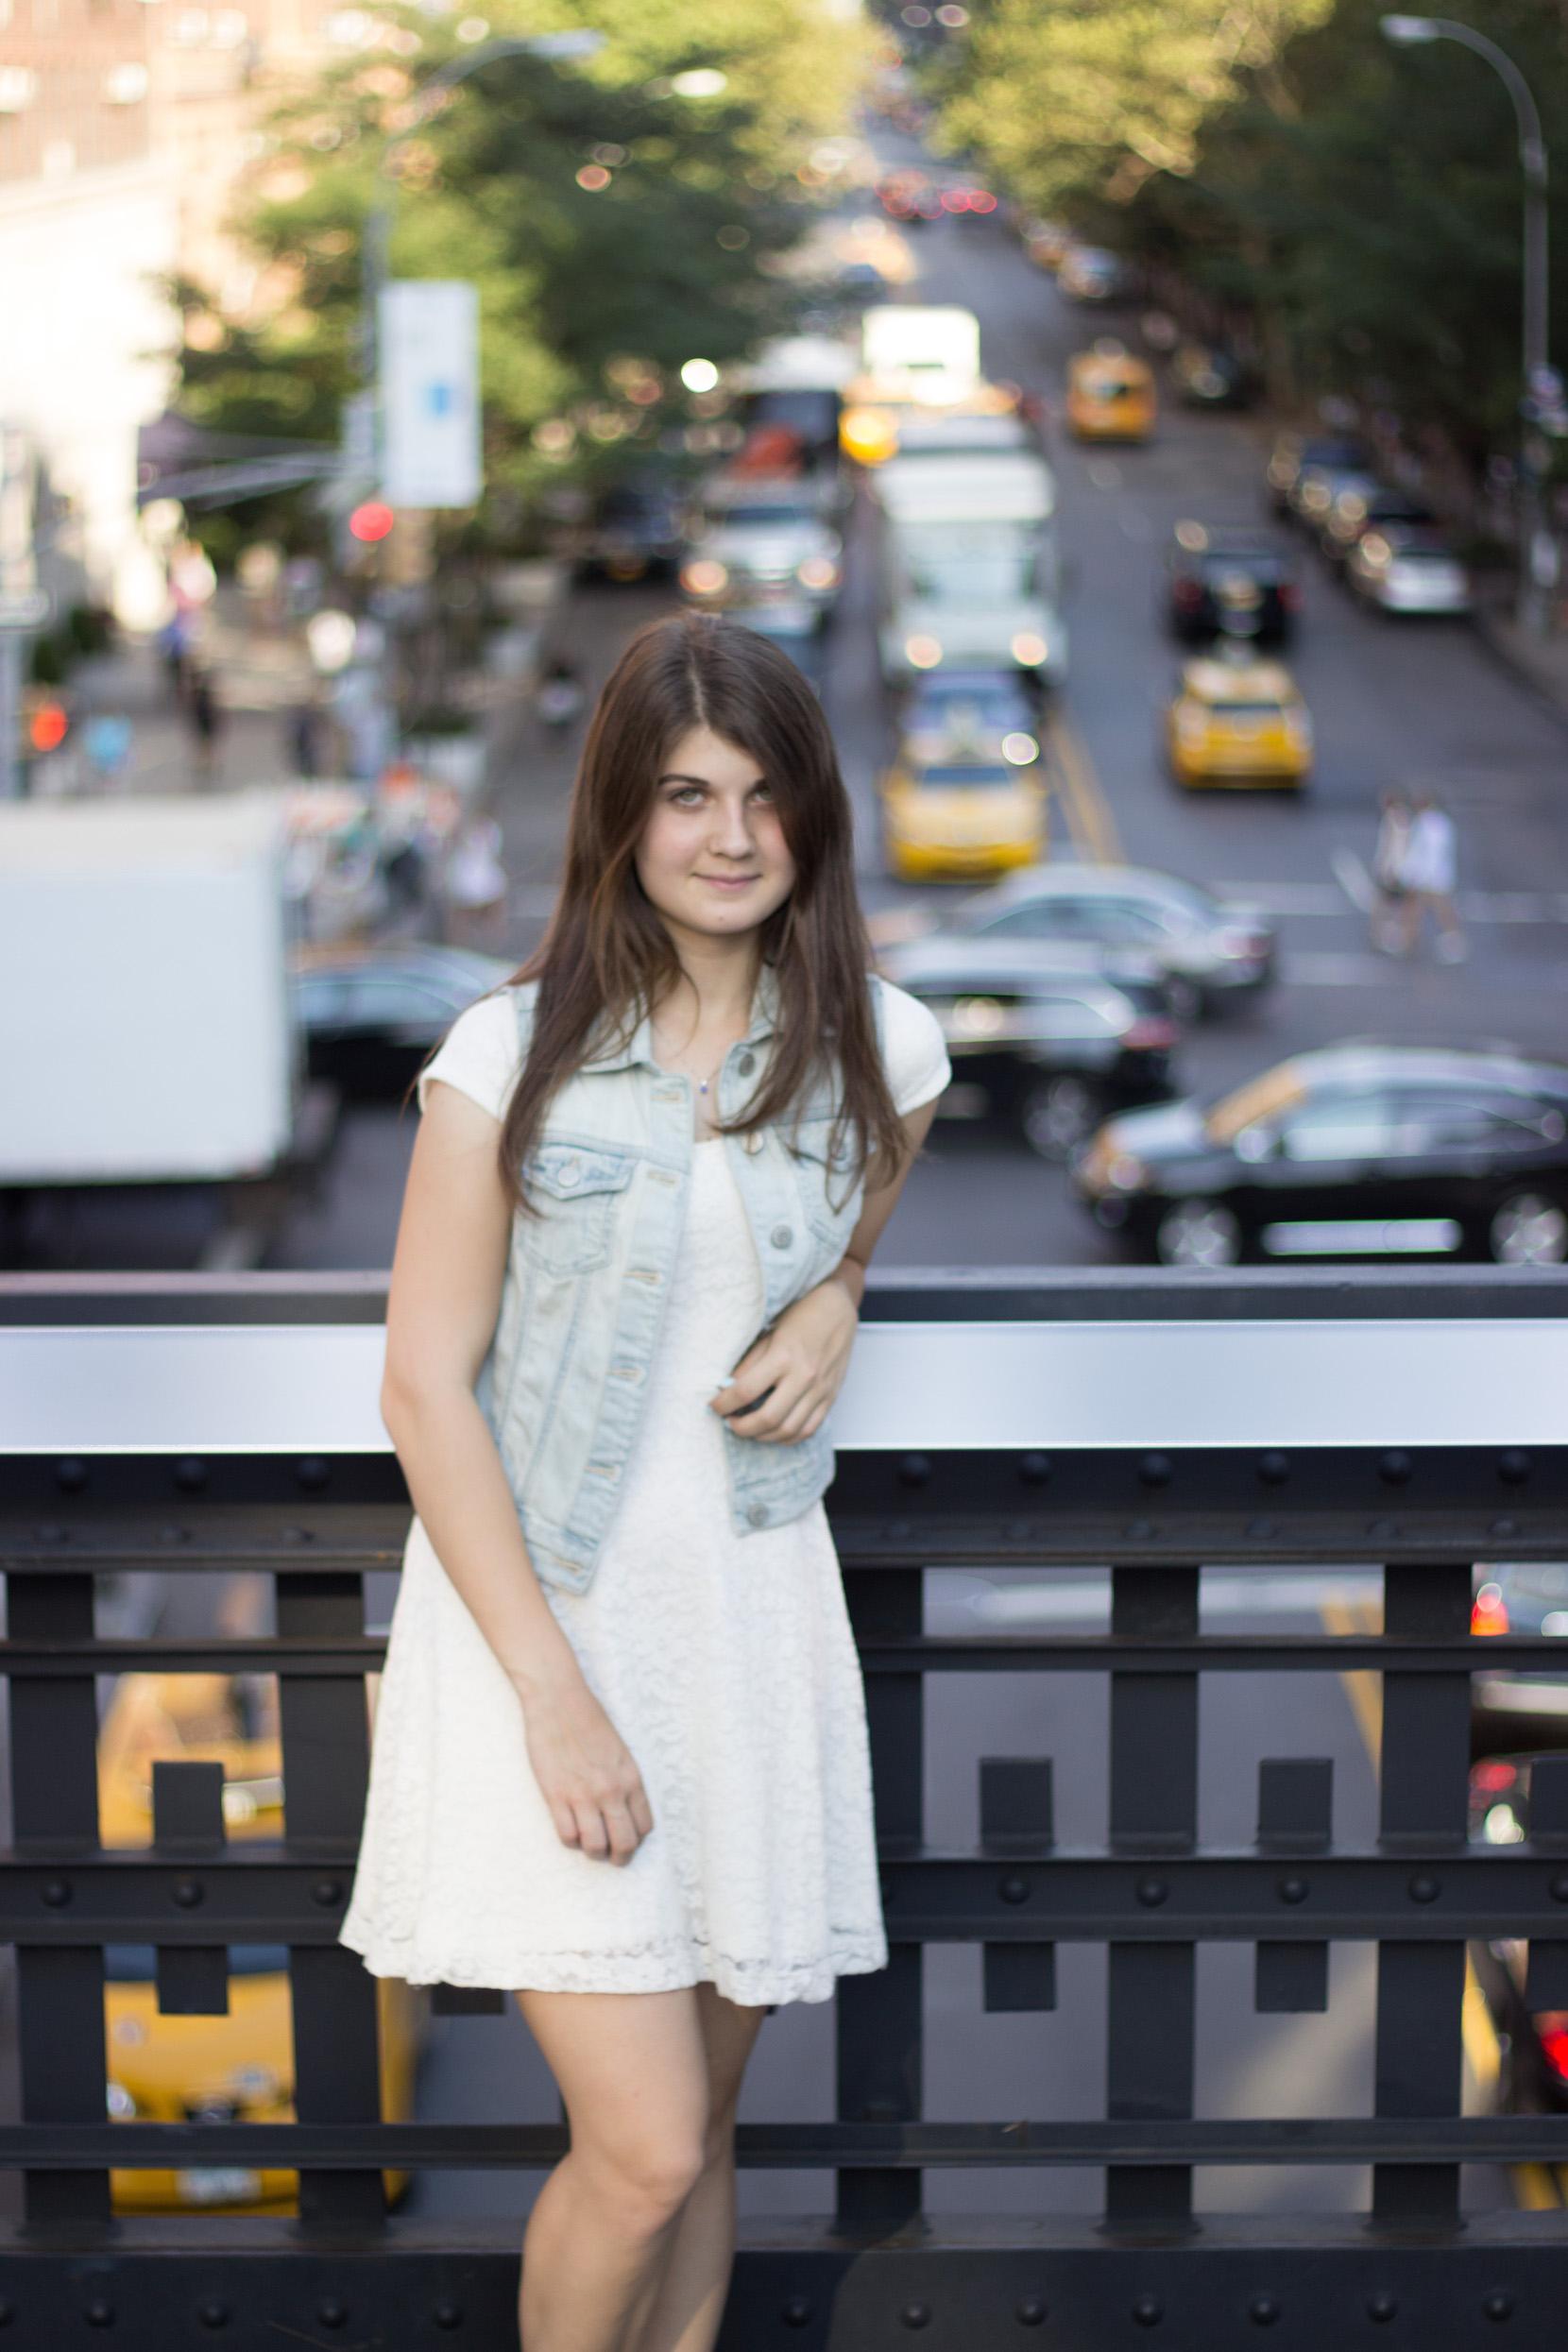 katya chelsea high line senior denim white dress irra korrelat walksmilesnap new york.jpg